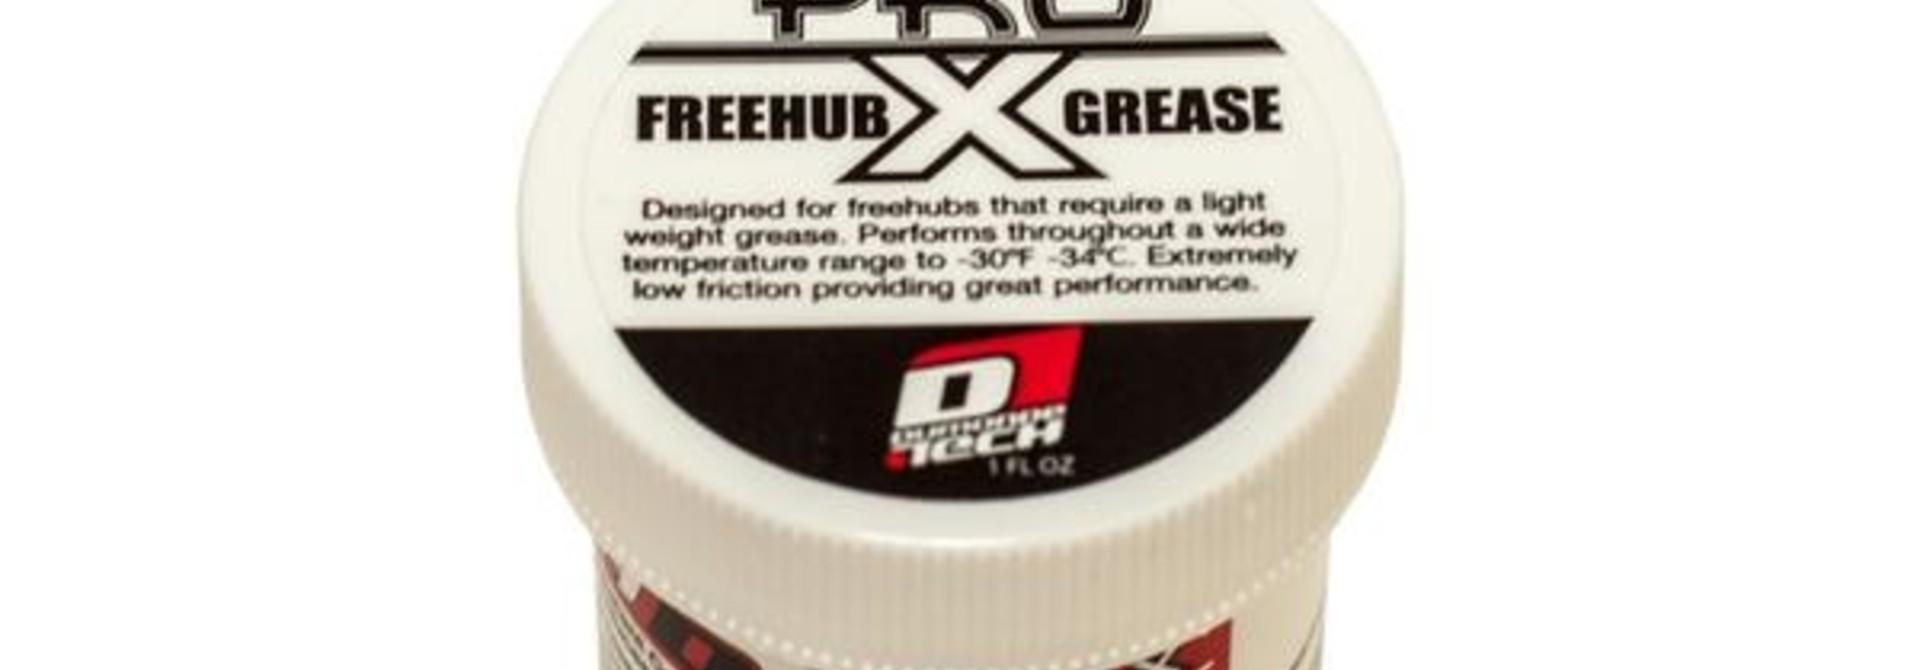 Dumonde Tech Pro X Freehub Grease 1oz (30mL)